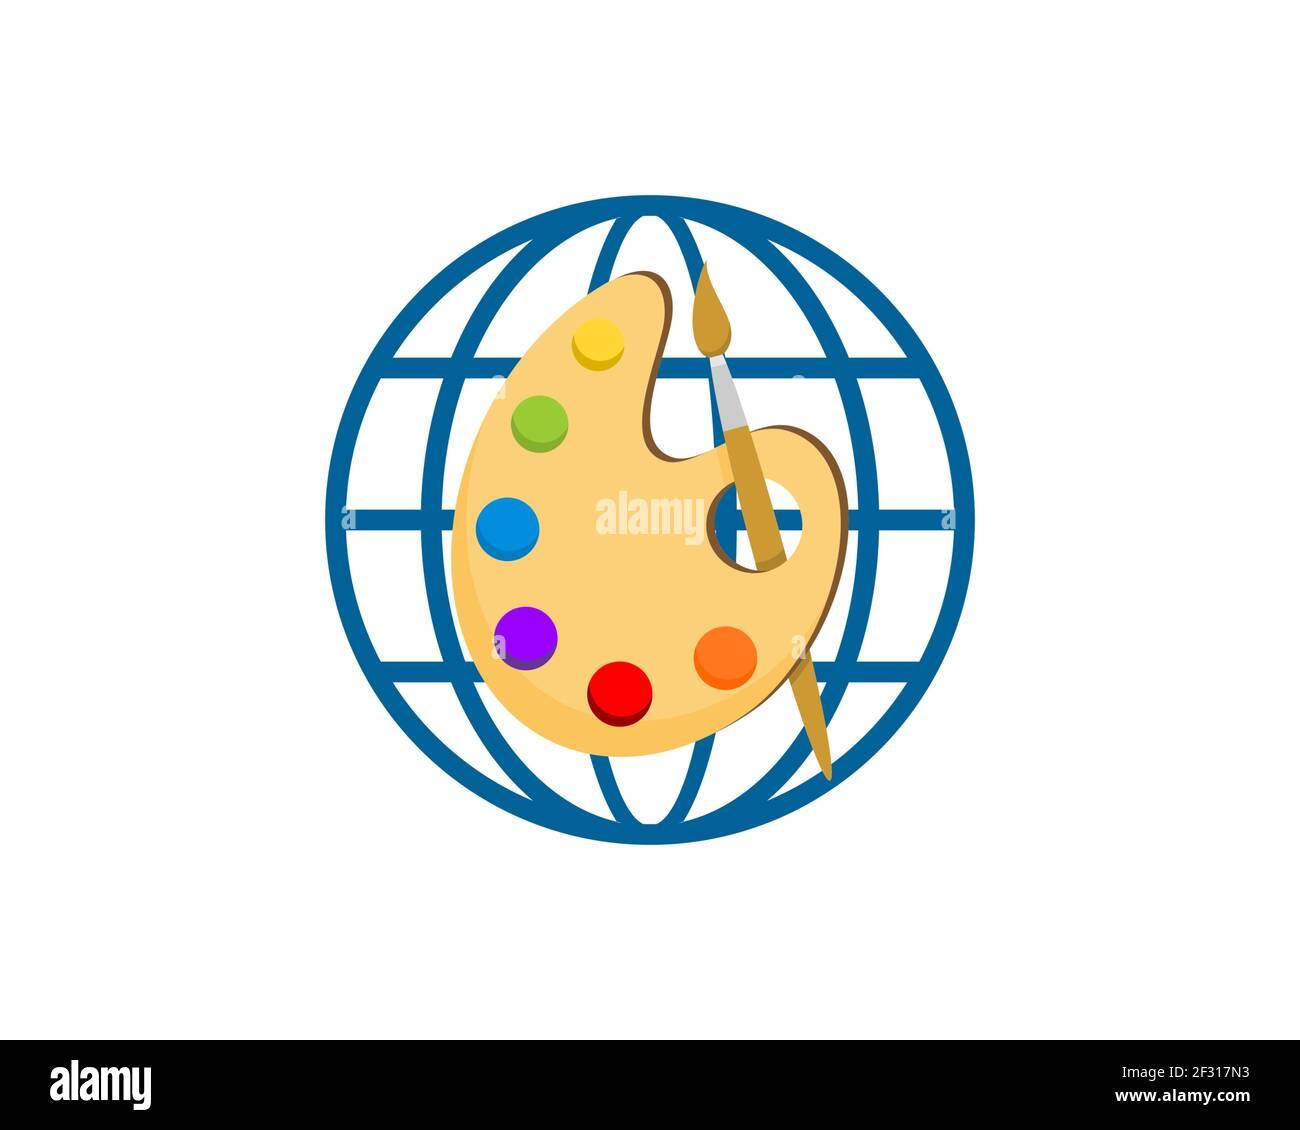 Globo abstracto con paleta de colores en el interior Foto de stock